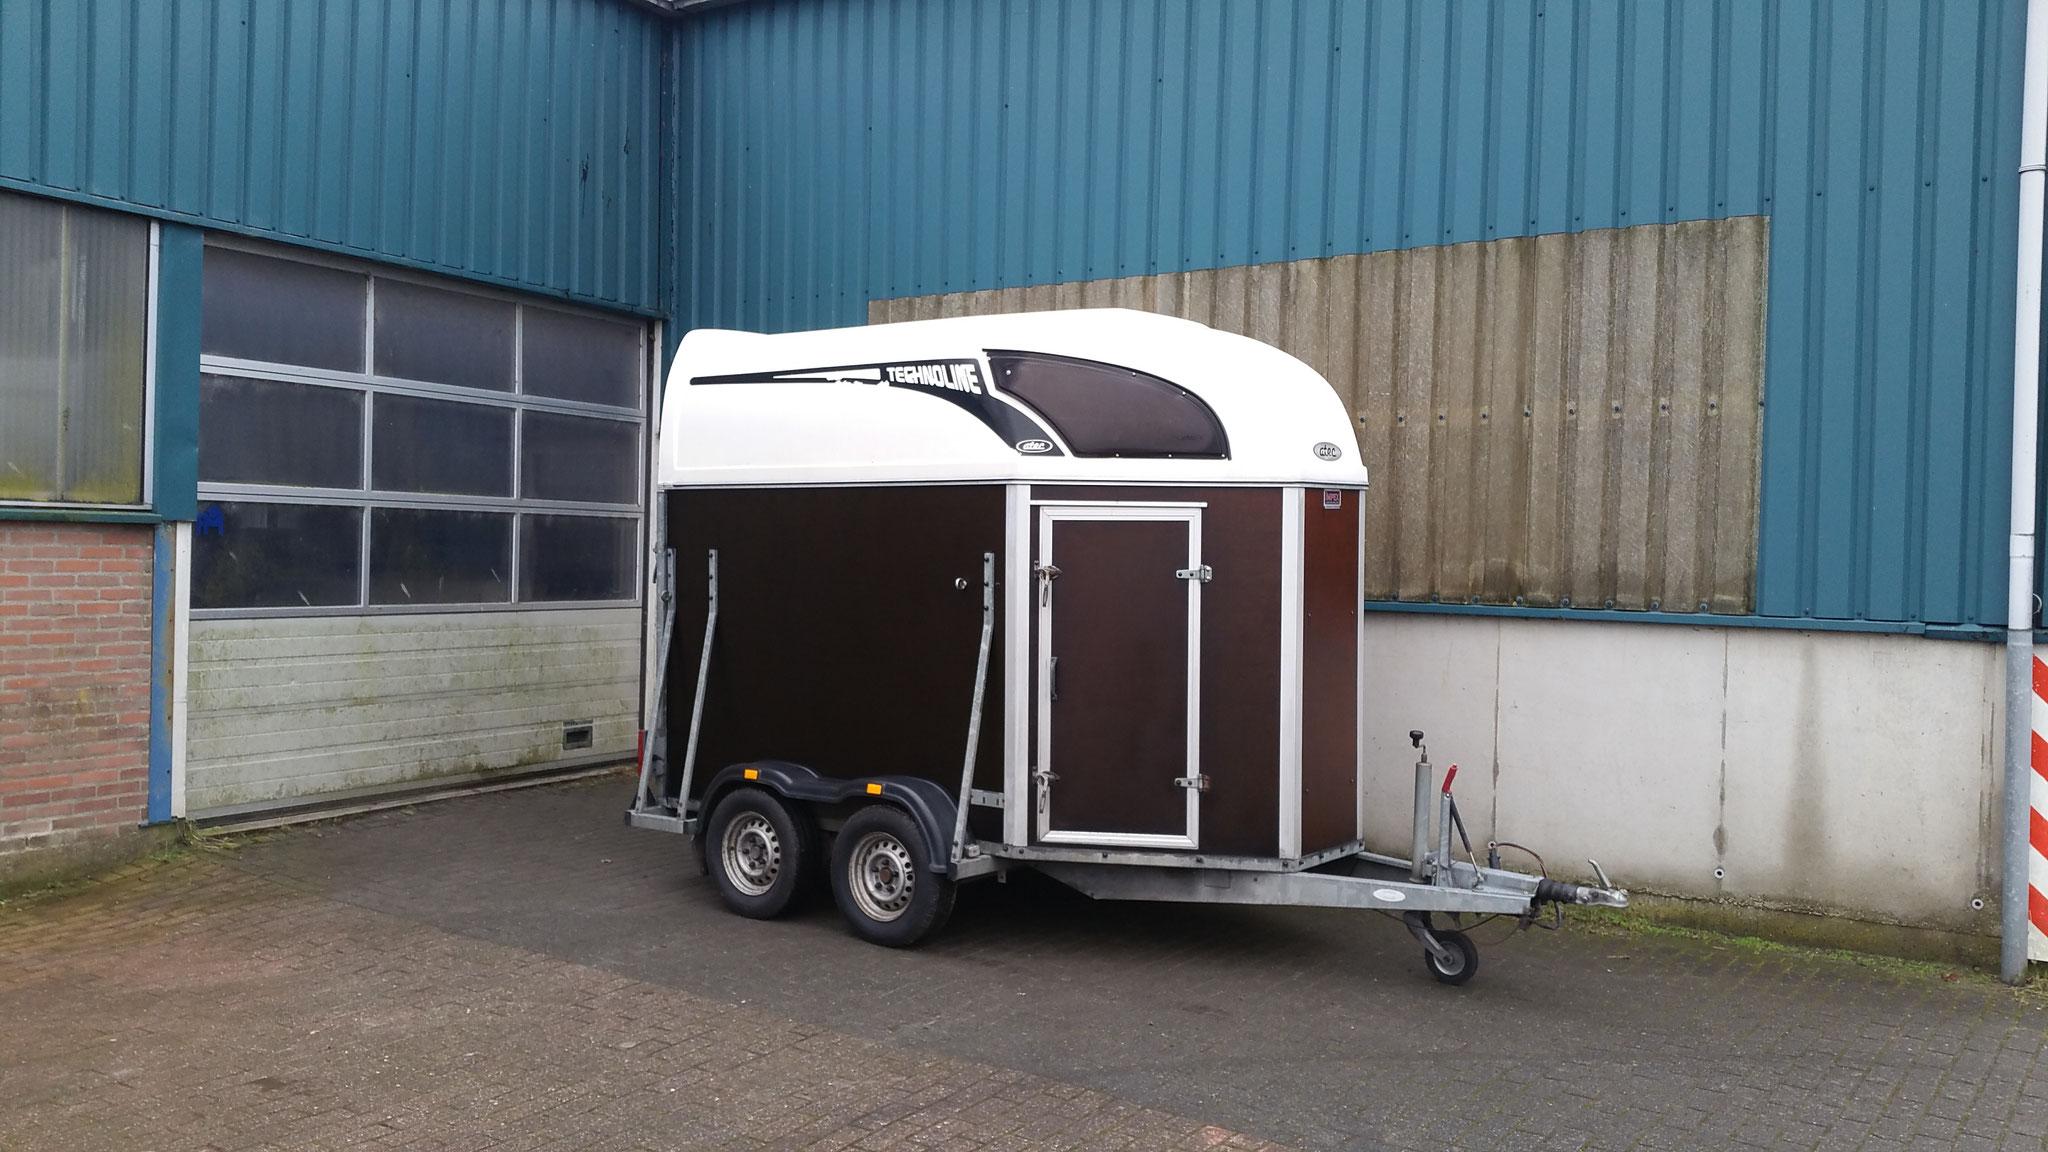 2 paards trailer Merk Atec bouwjaar 2005  prijs 2450,-